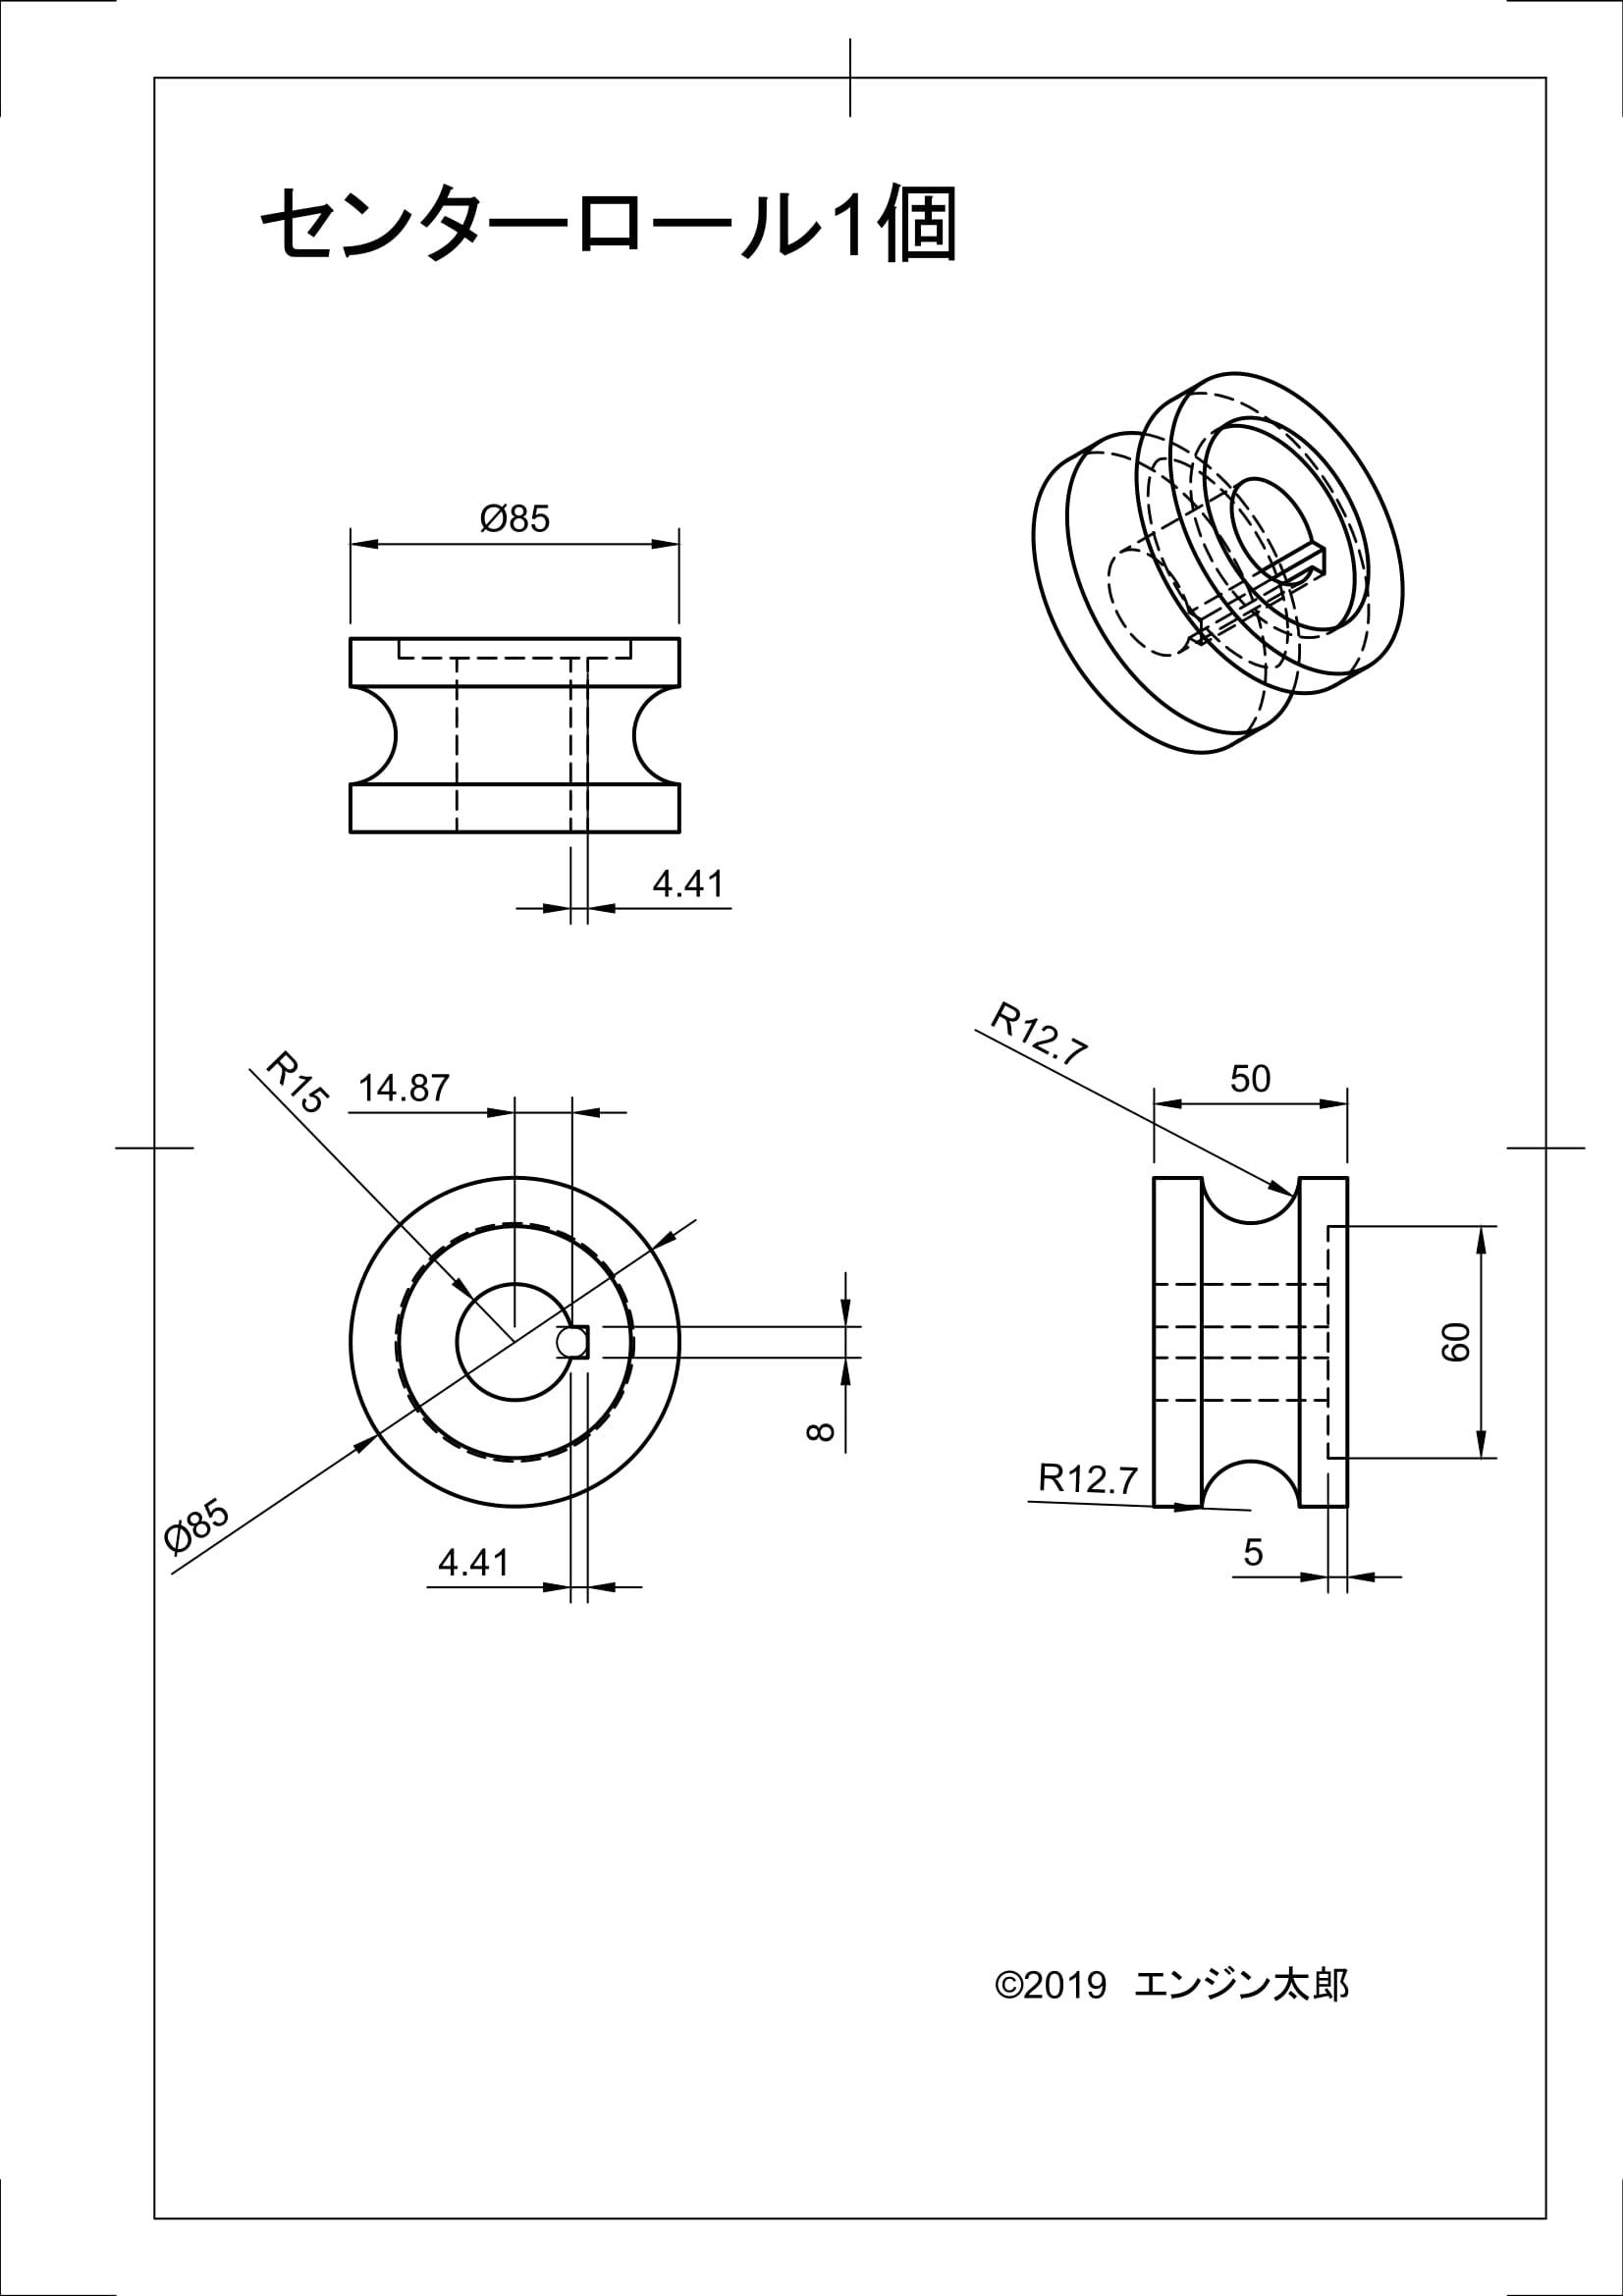 21チューブローラー2_センターロール 図面-1